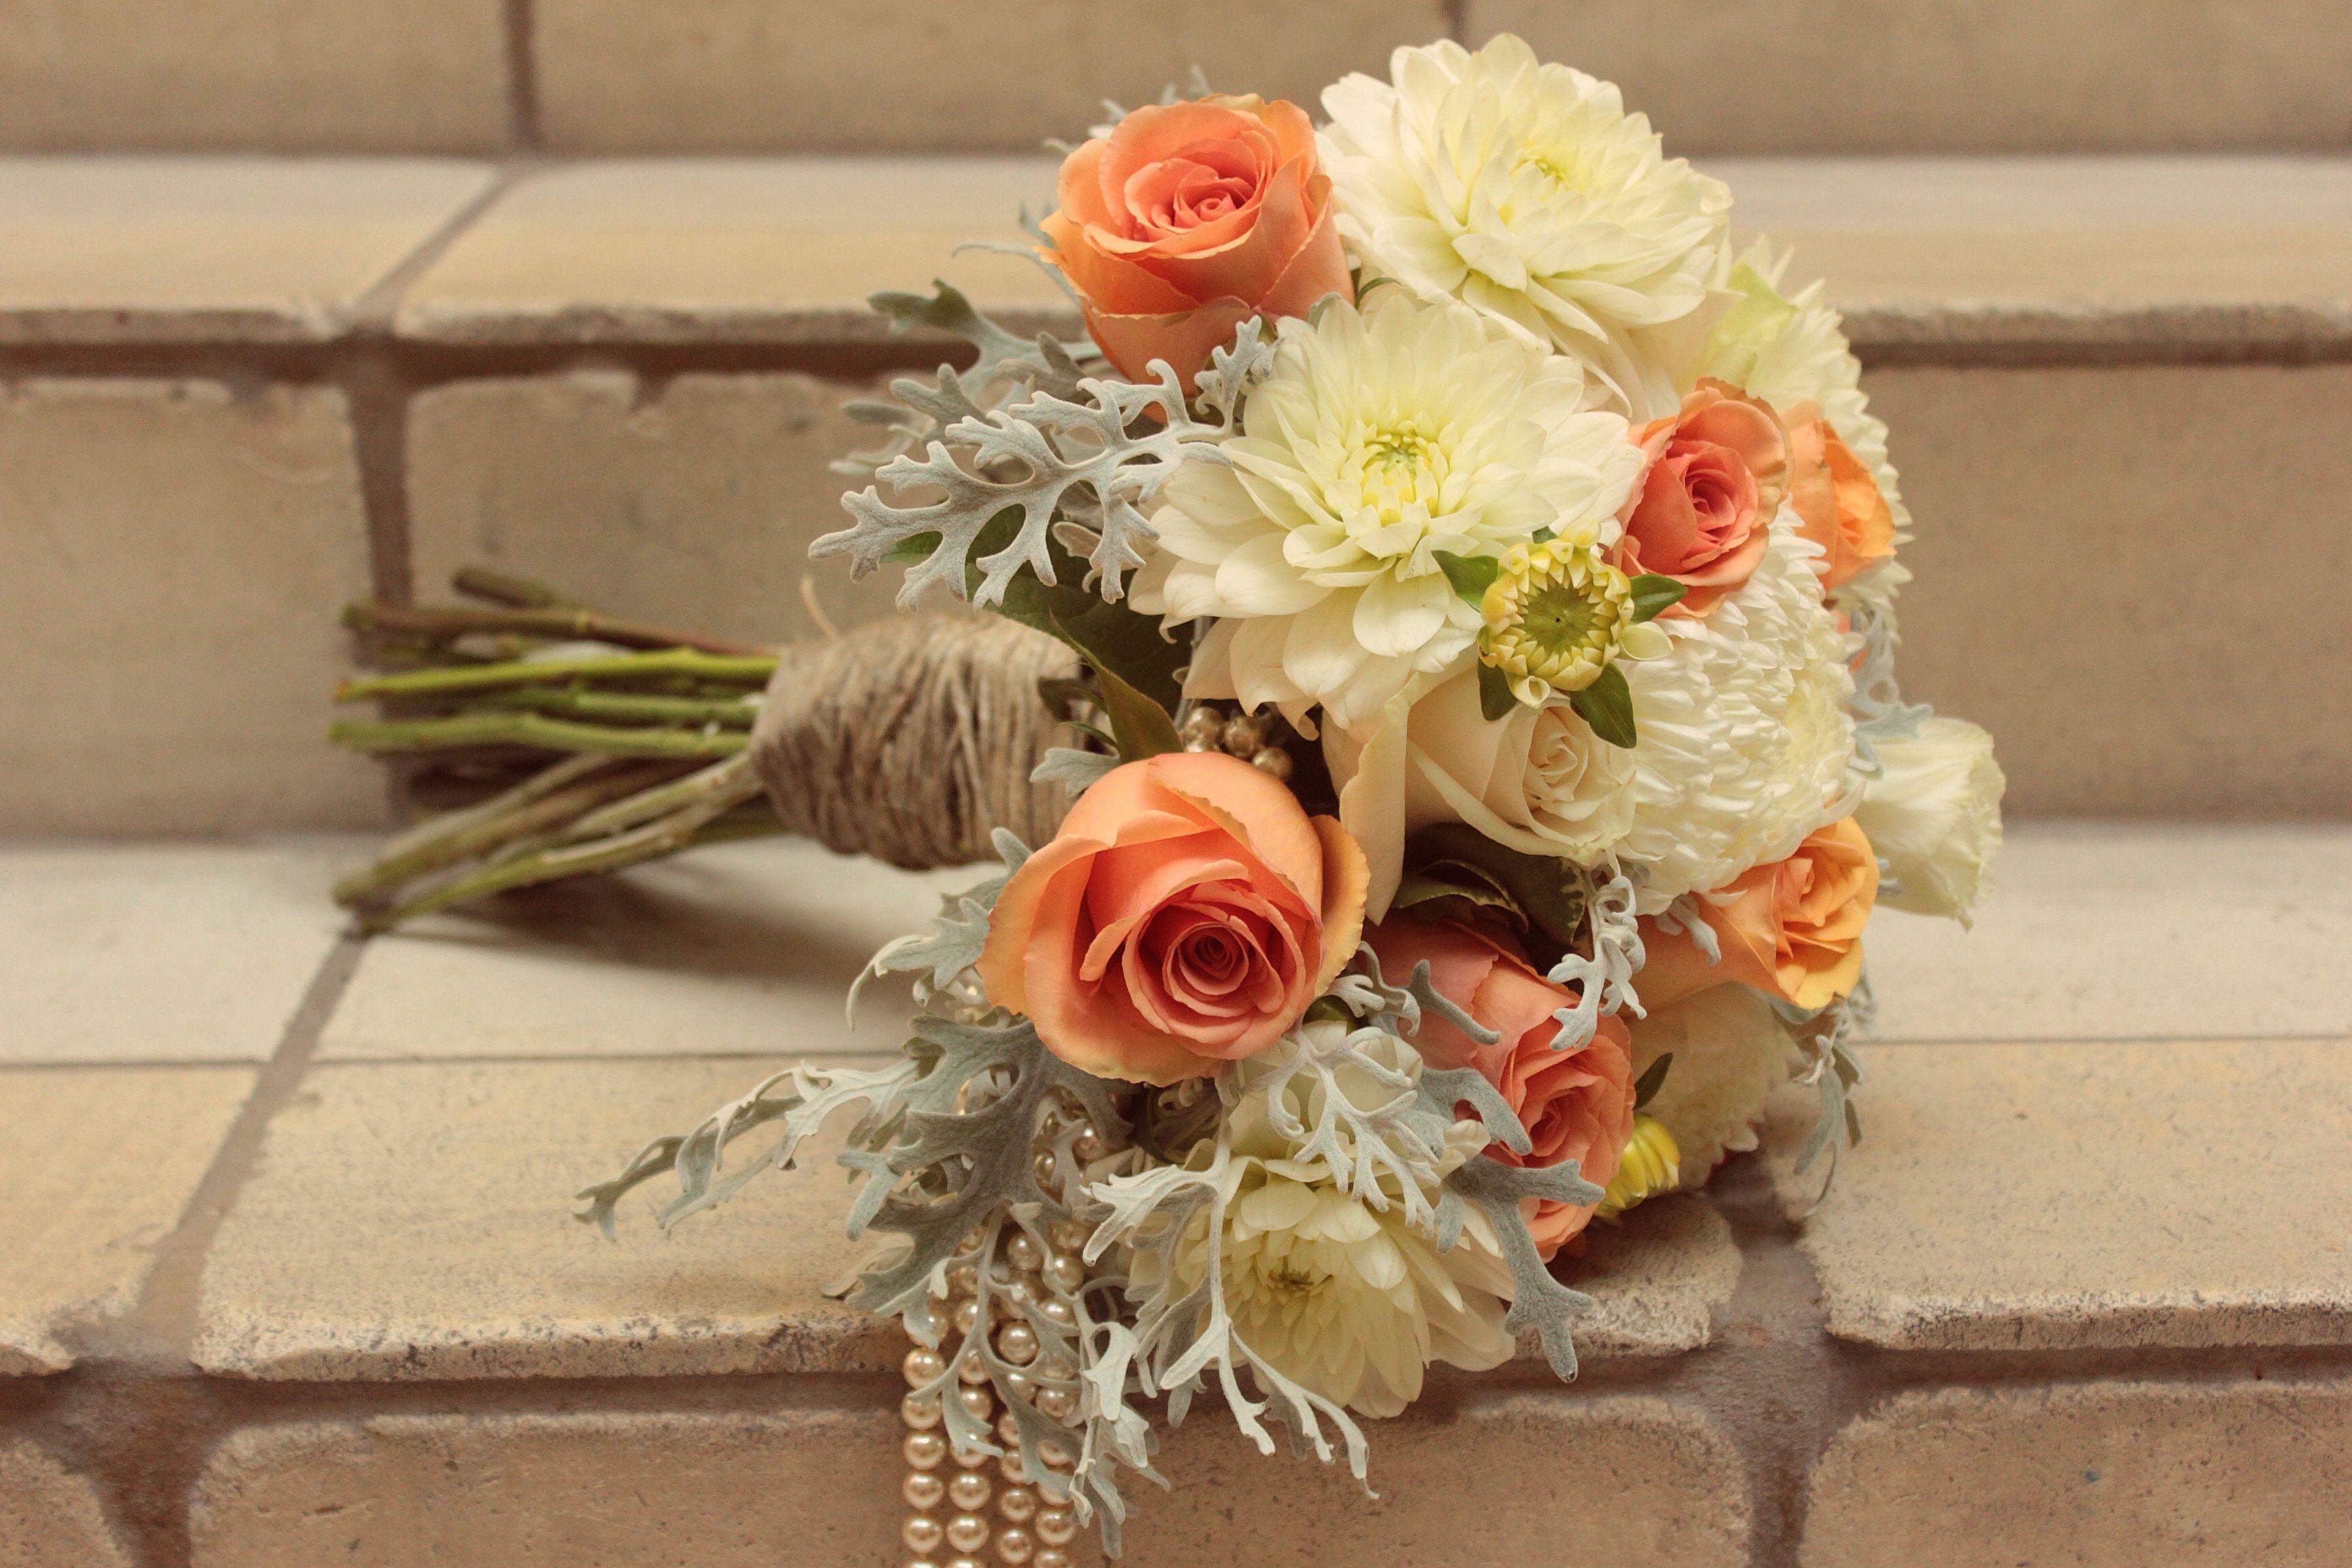 Wedding flowers #wedding #weddingflowers #weddingideas #maggiesottero